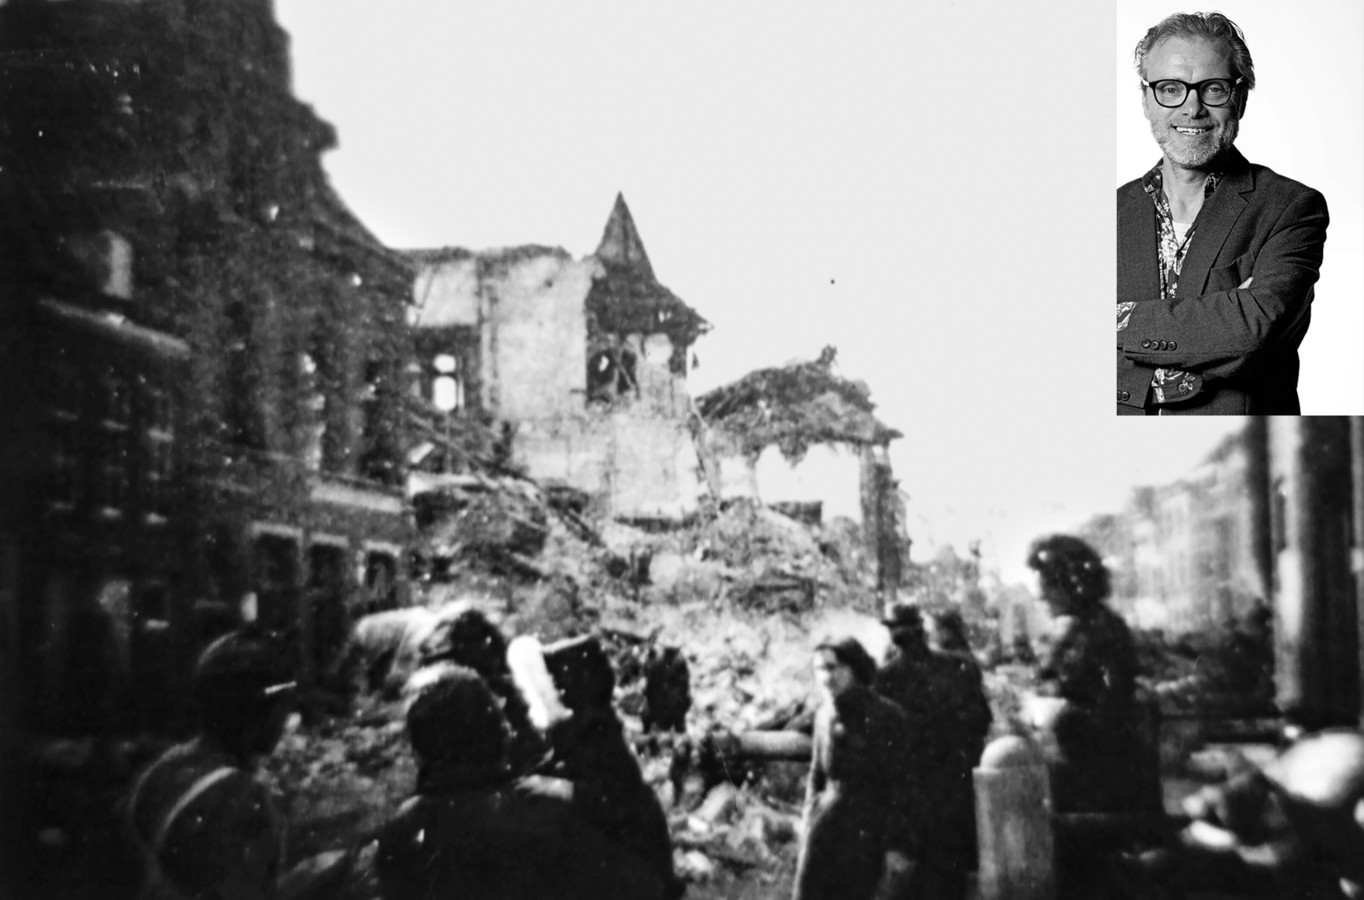 Het verwoeste Stadhuis in Heusden. Kort nadat het was opgeblazen. Links vooraan het voormalige postkantoor en de massa puin voor de Pelsestraat.